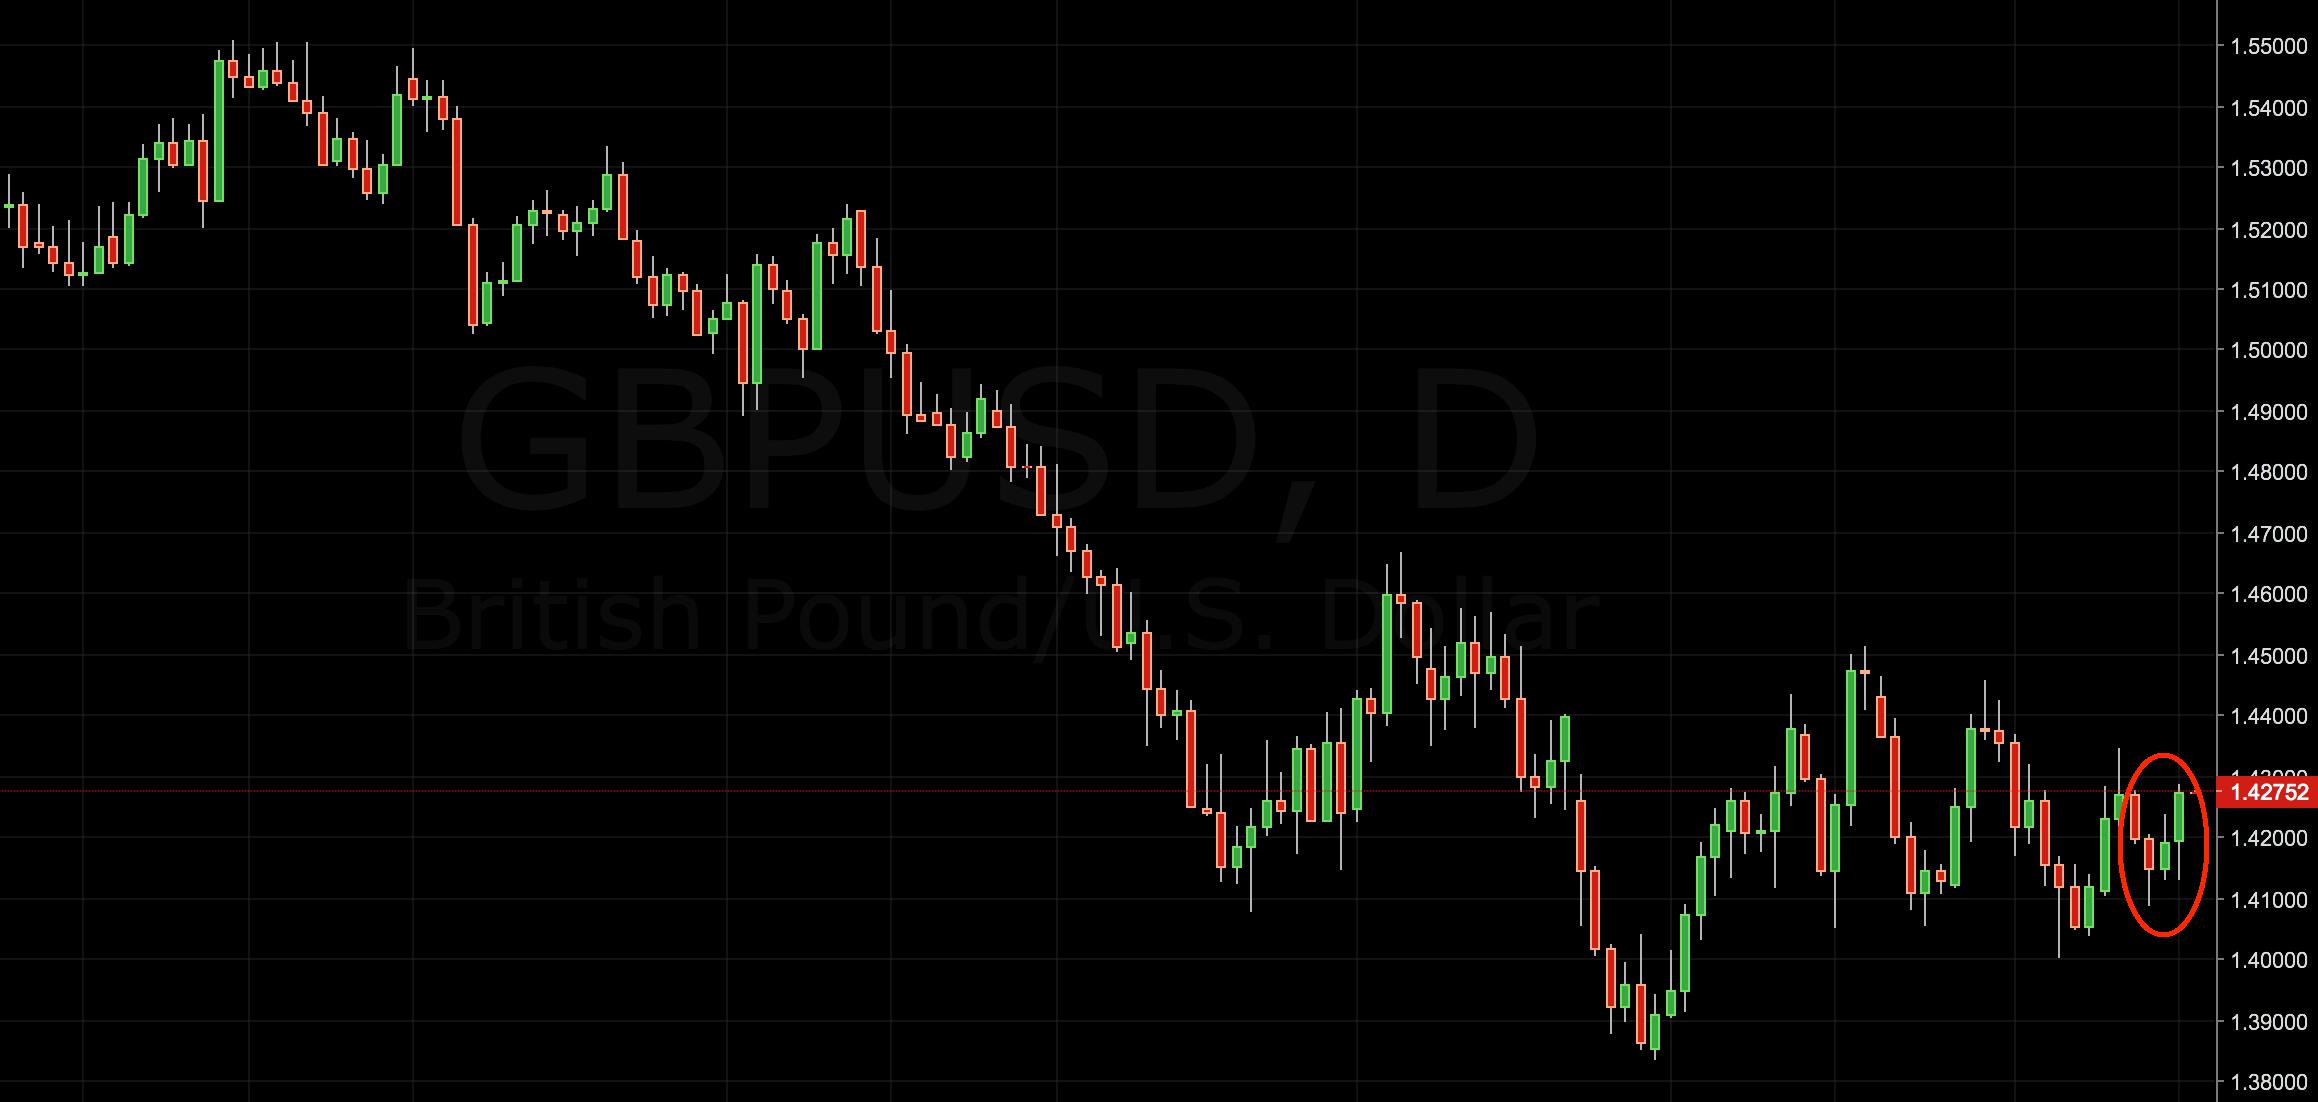 gbp/usd trading idea